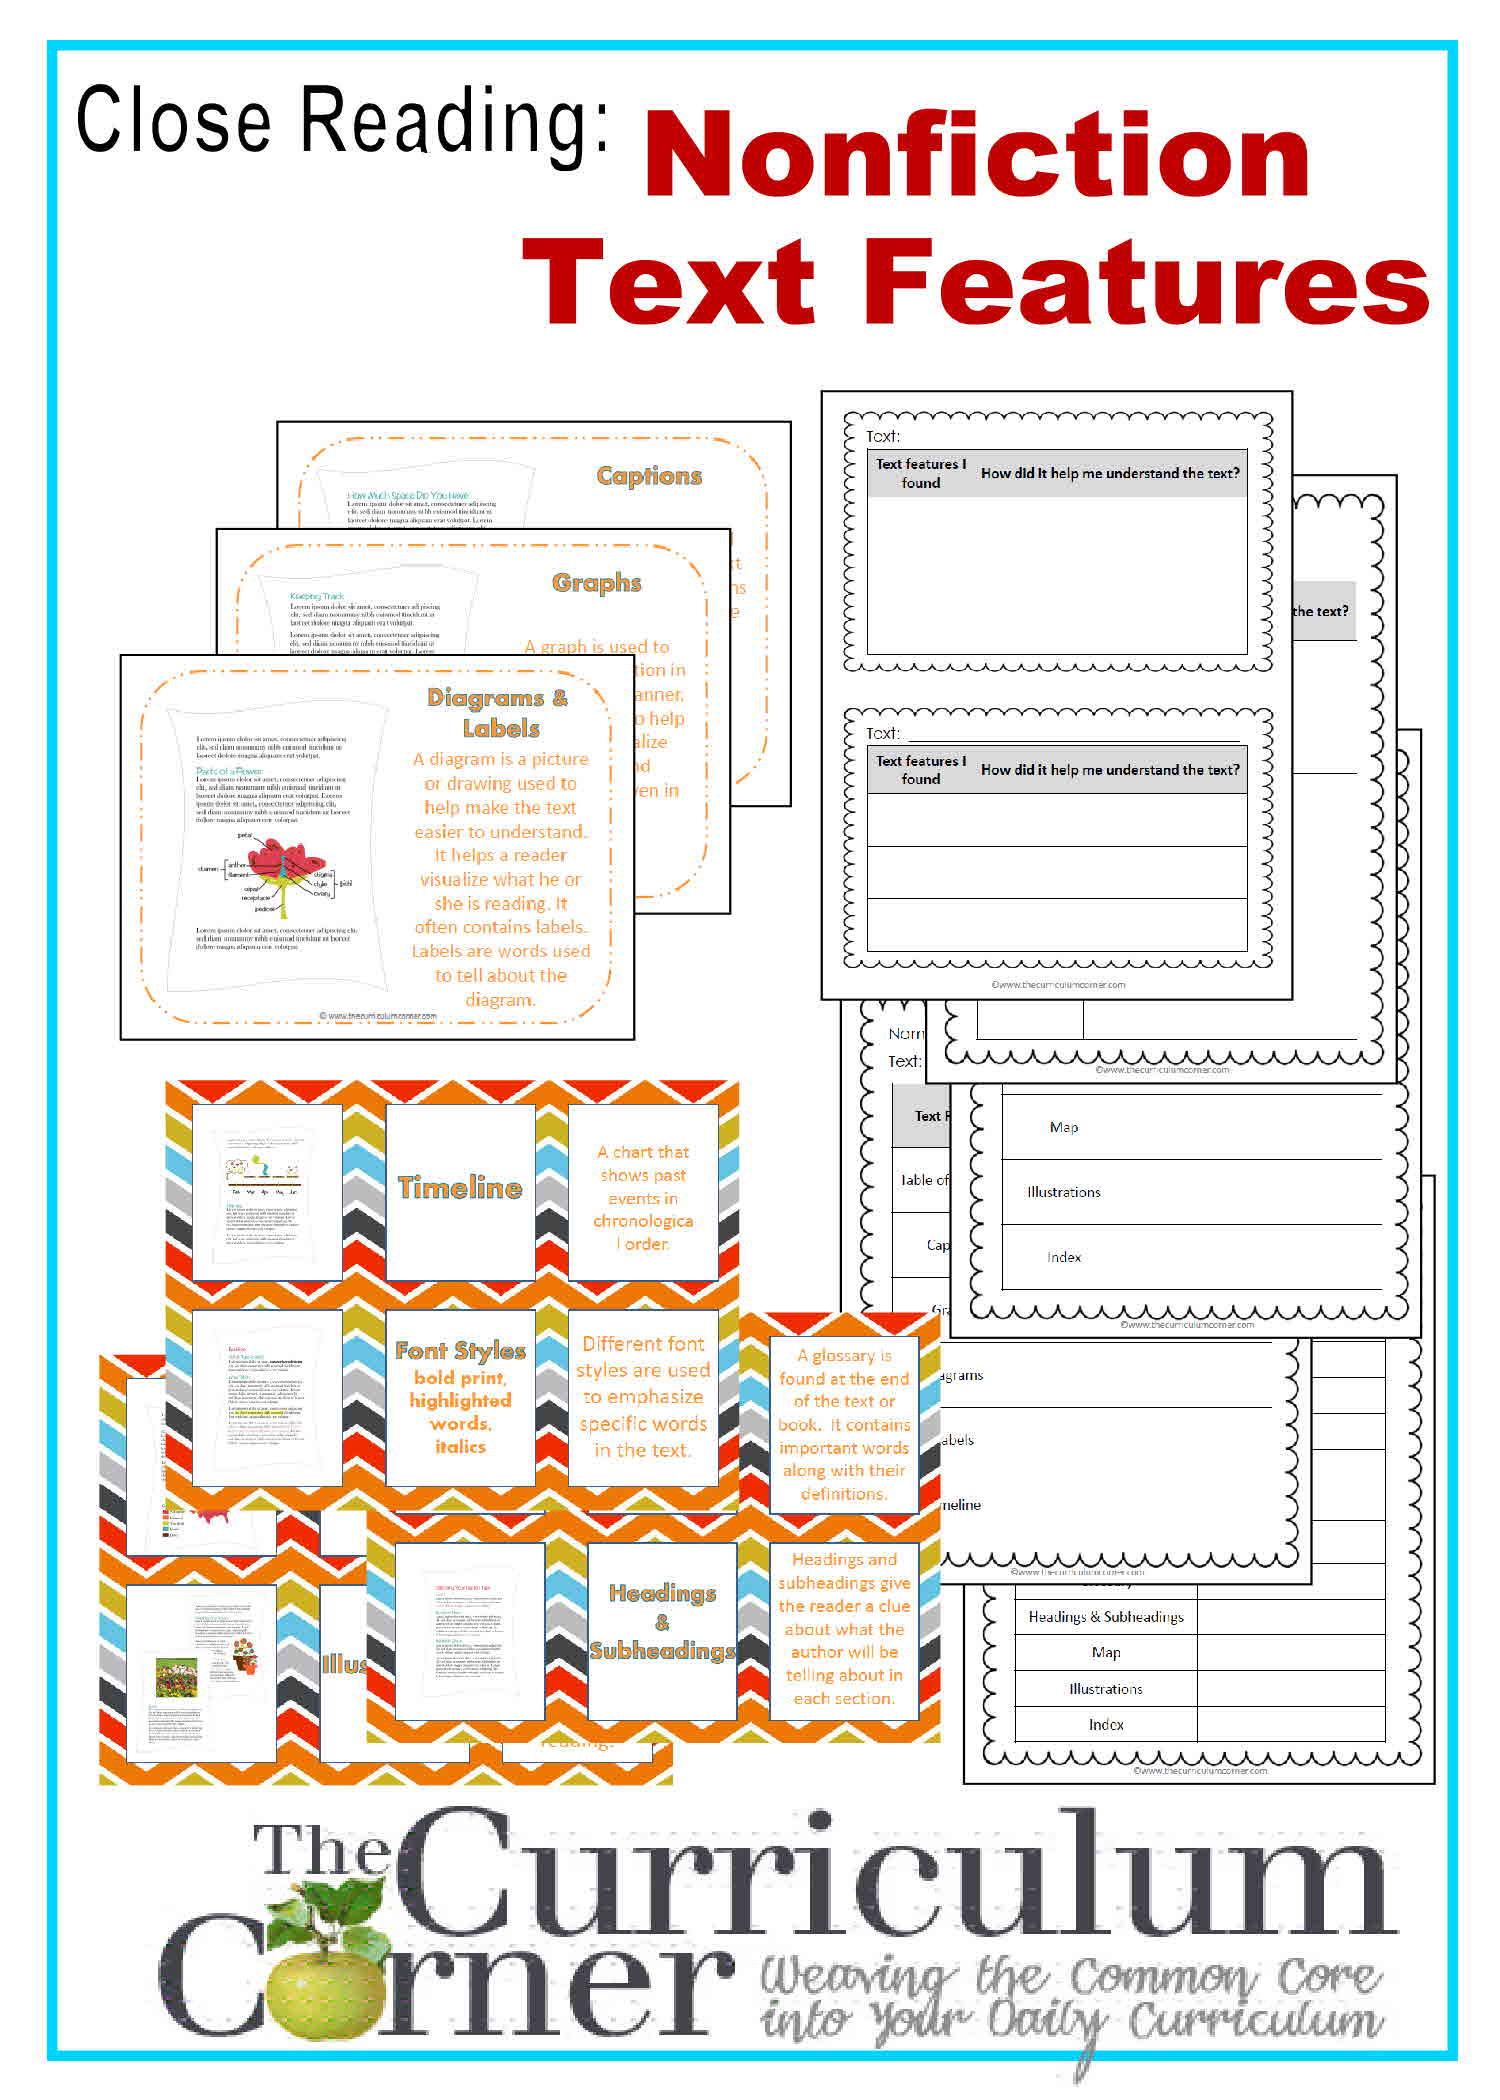 Nonfiction Text Features Worksheet Nonfiction Text Features Worksheet